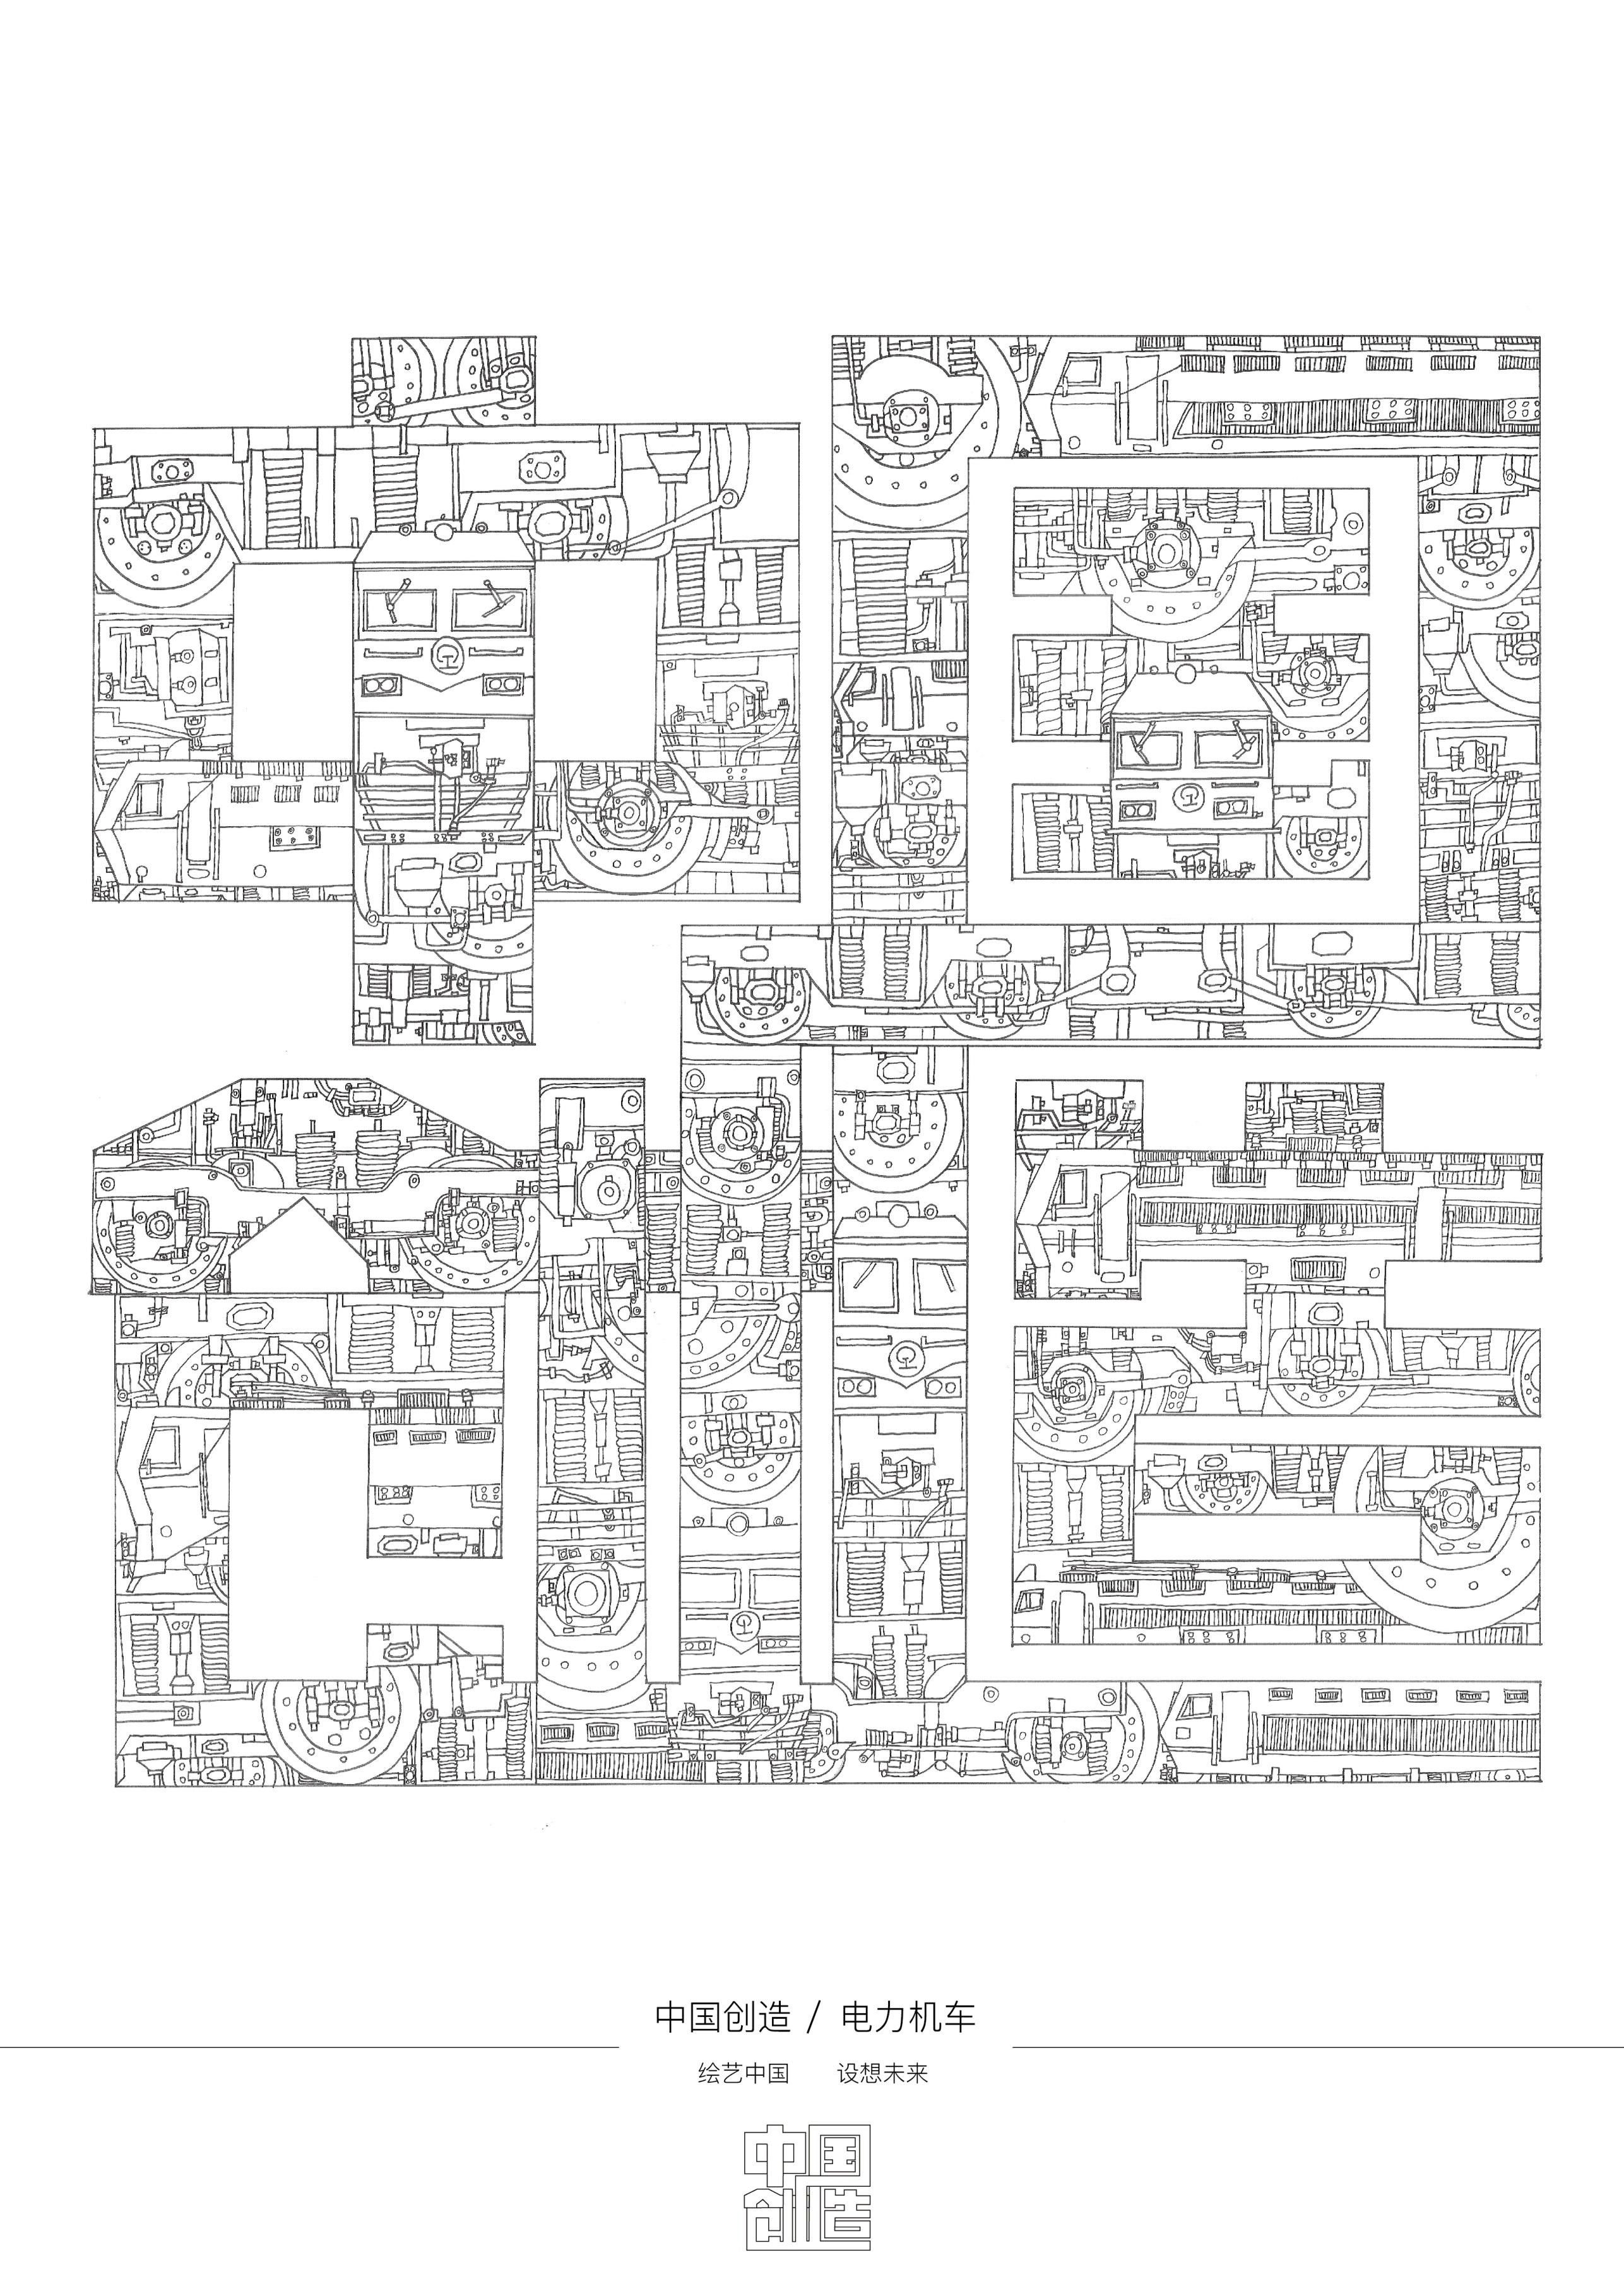 E:\2020国际大学生手绘艺术与设计大赛\参赛作品\手绘设计类\手绘设计类 安徽大学—中国轨道—曾东东\B类—安徽大学—中国轨道—曾东东\3-中国创造.jpg